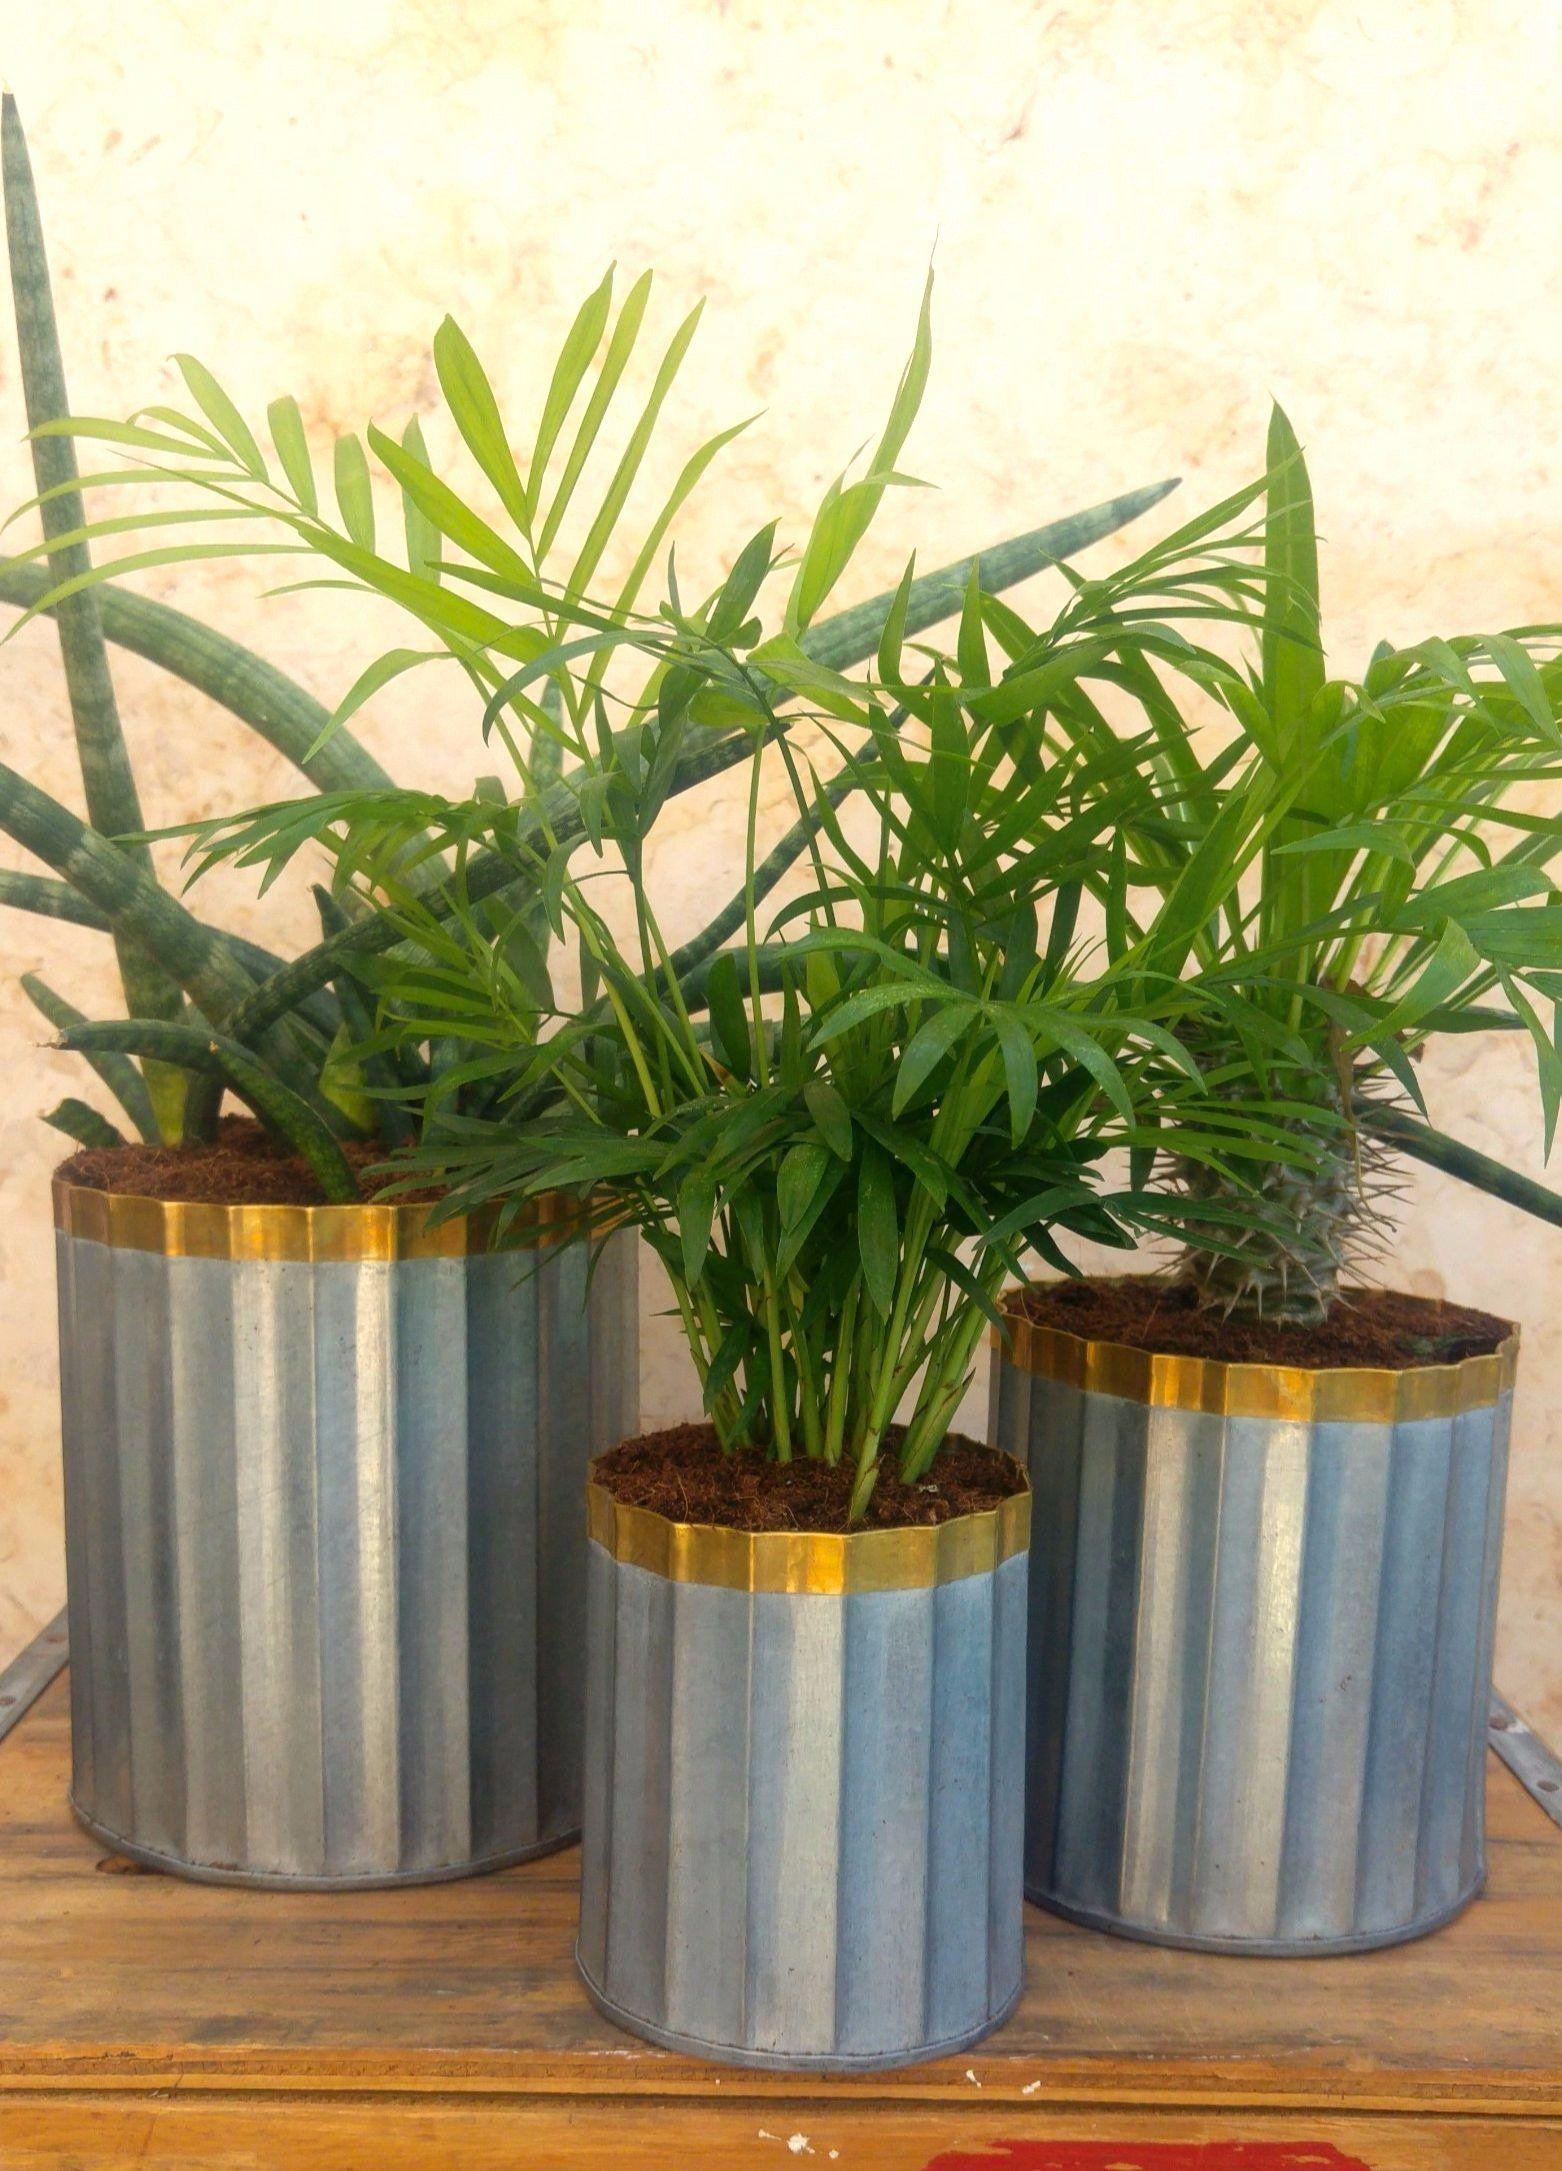 כלי פח גלי עם סיומת ניקל לצמחים ולאחסון Go green, Plants